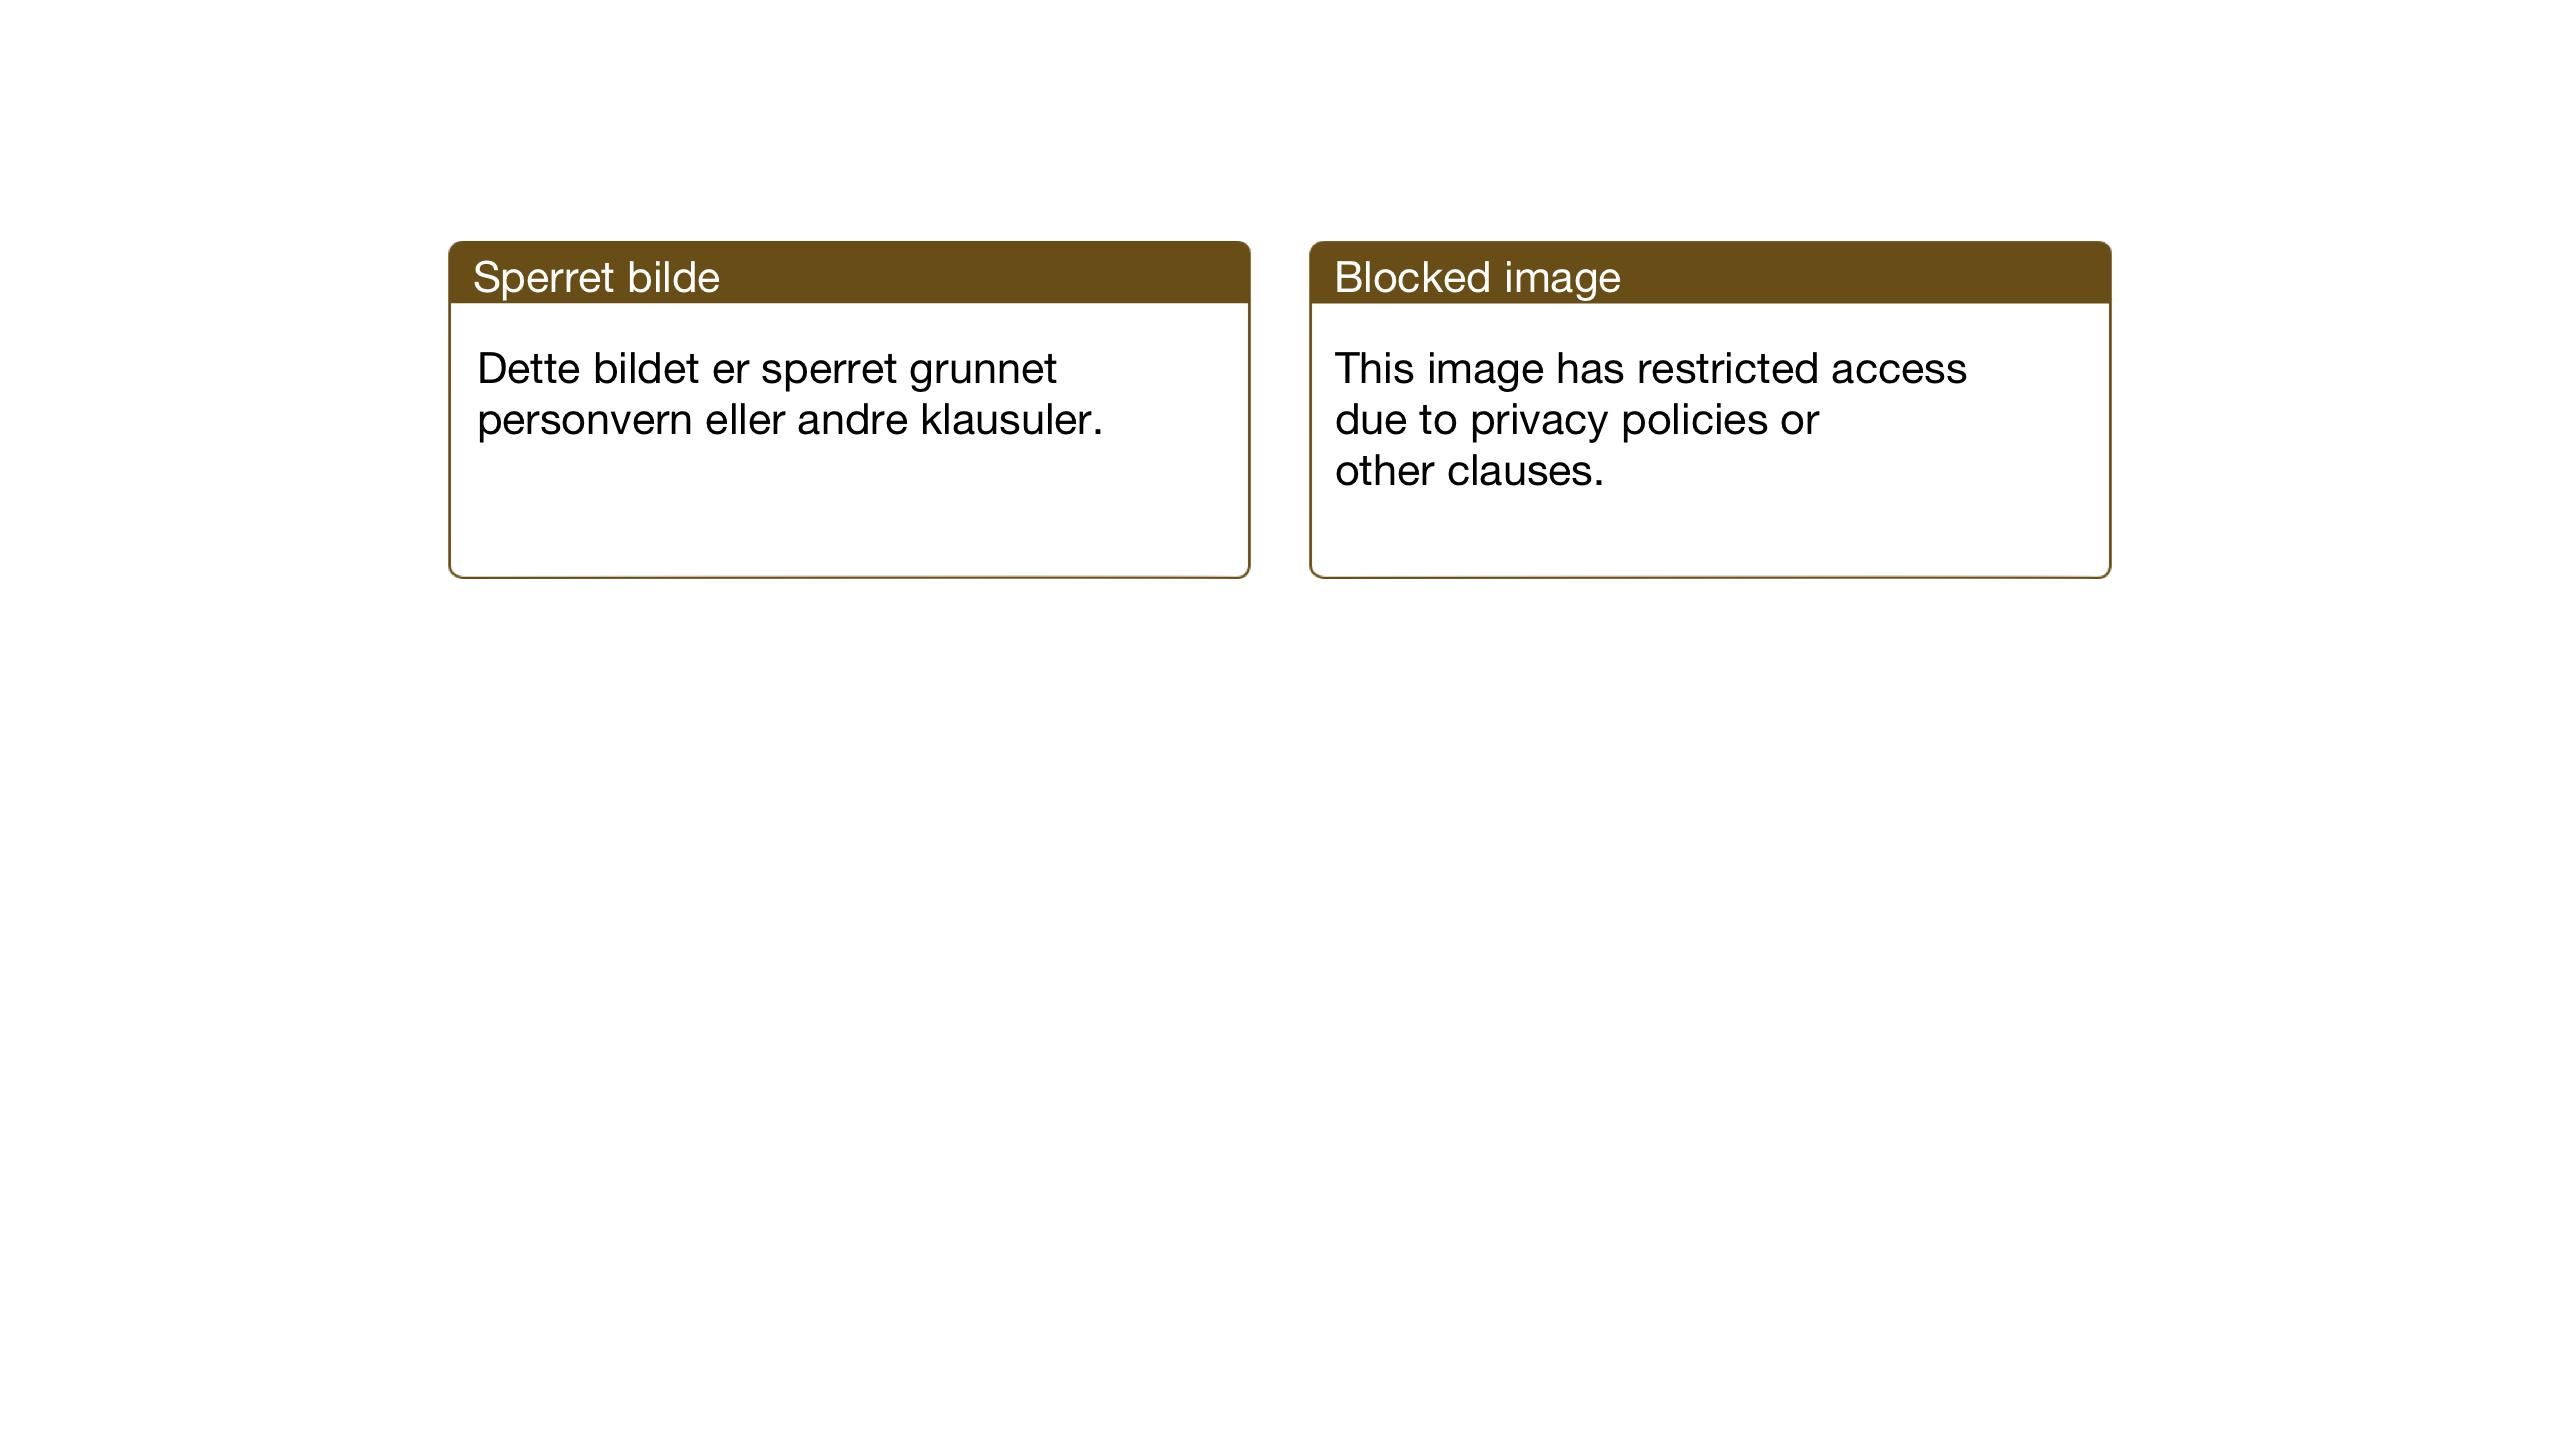 SAT, Ministerialprotokoller, klokkerbøker og fødselsregistre - Sør-Trøndelag, 630/L0508: Klokkerbok nr. 630C06, 1933-1950, s. 25